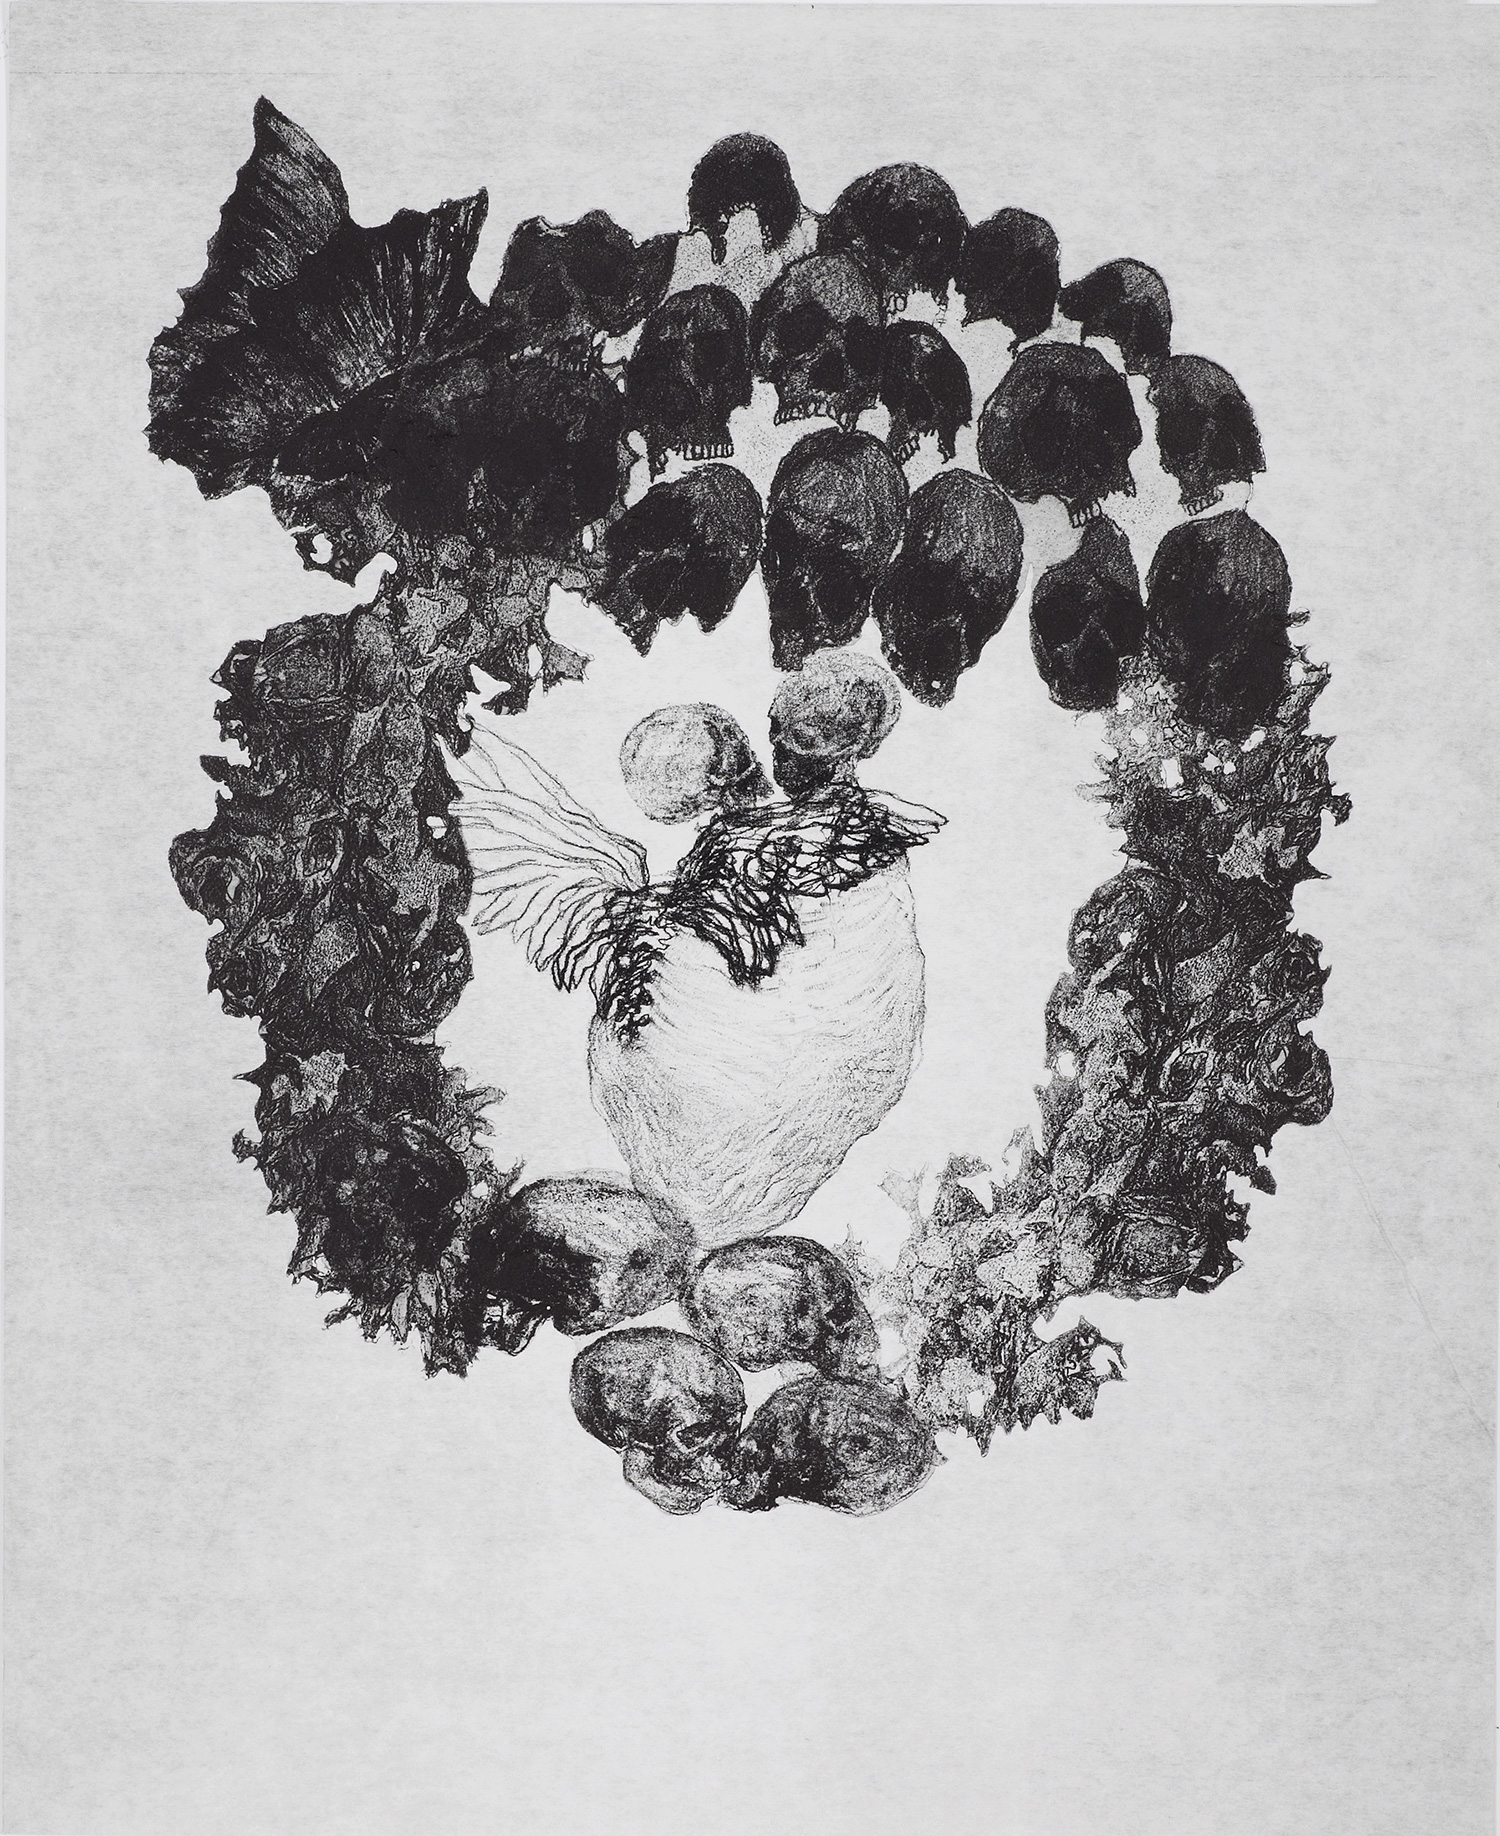 <i>le baiser</i>, 2012, vernis mou et pointe sèche, 50x40cm